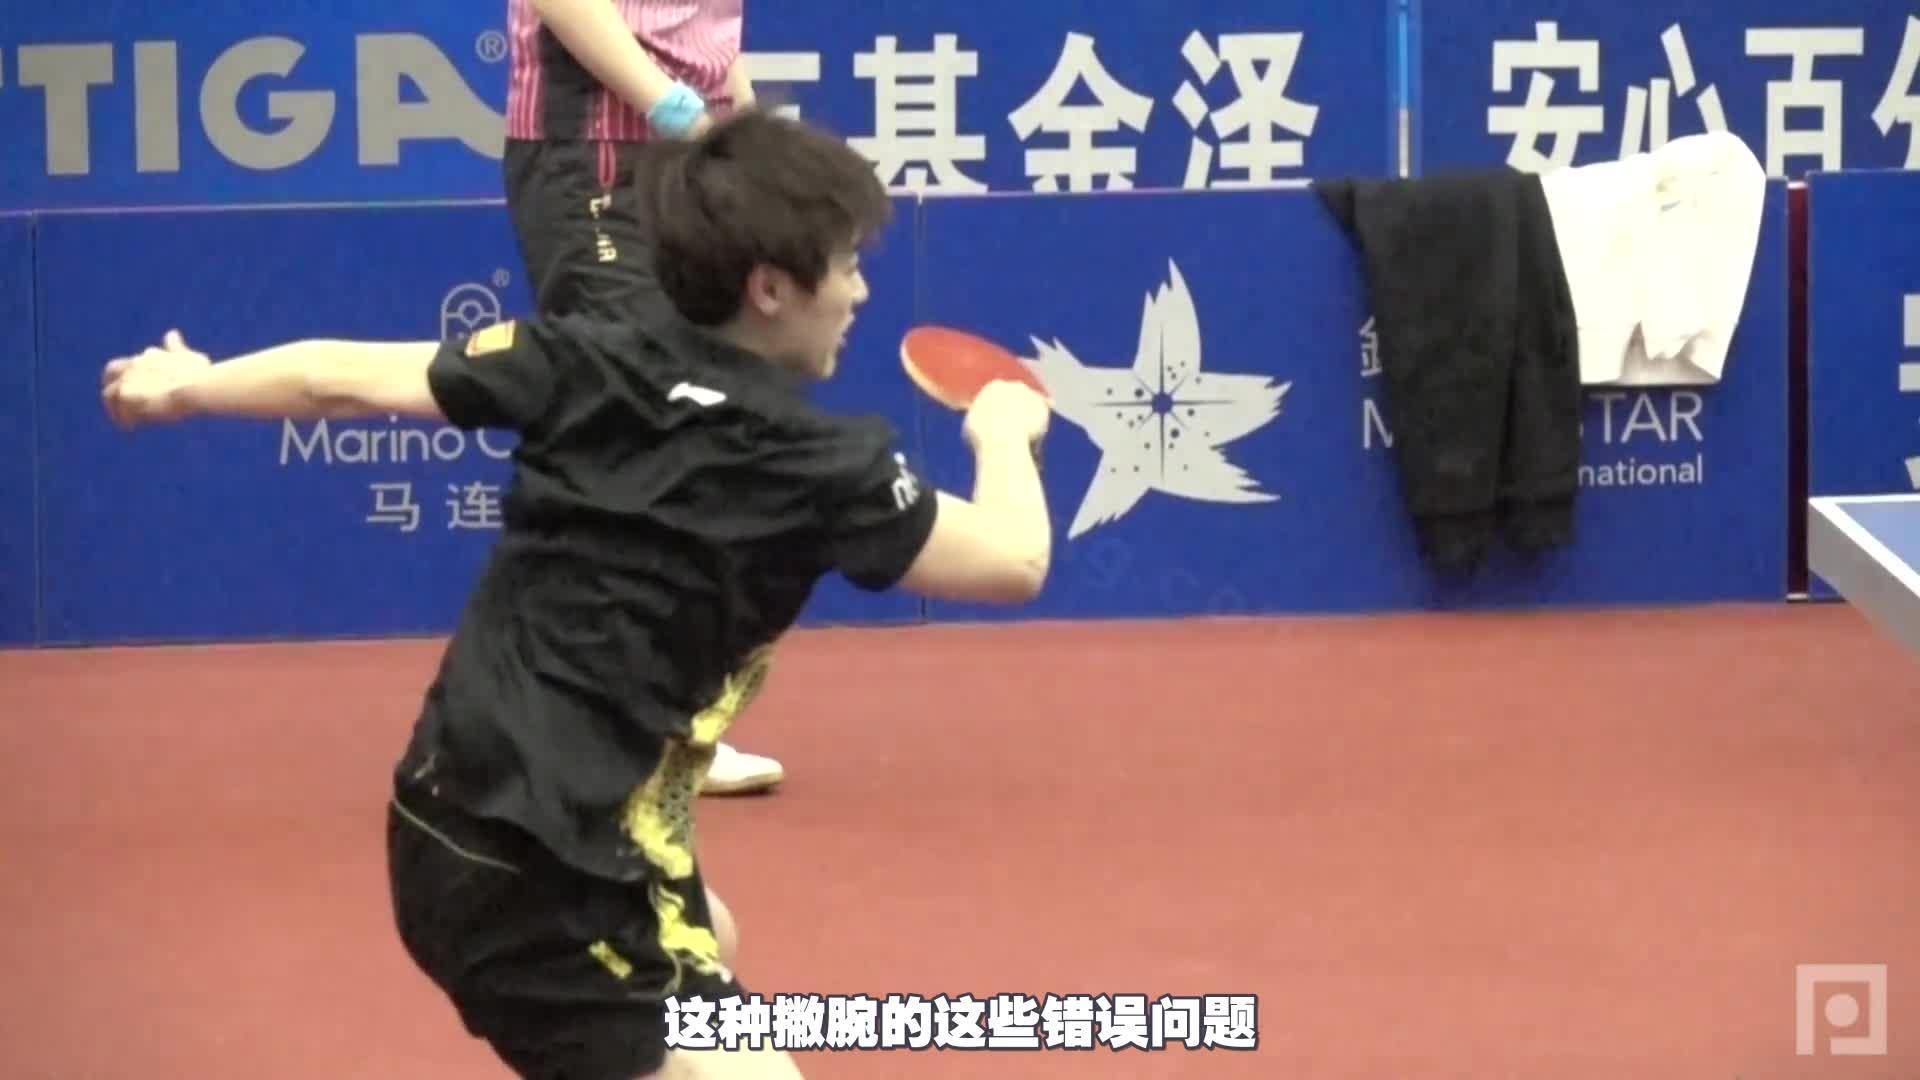 要想拉球稳定,靠手腕是不行的,要这样运用身体重心来控制弧线